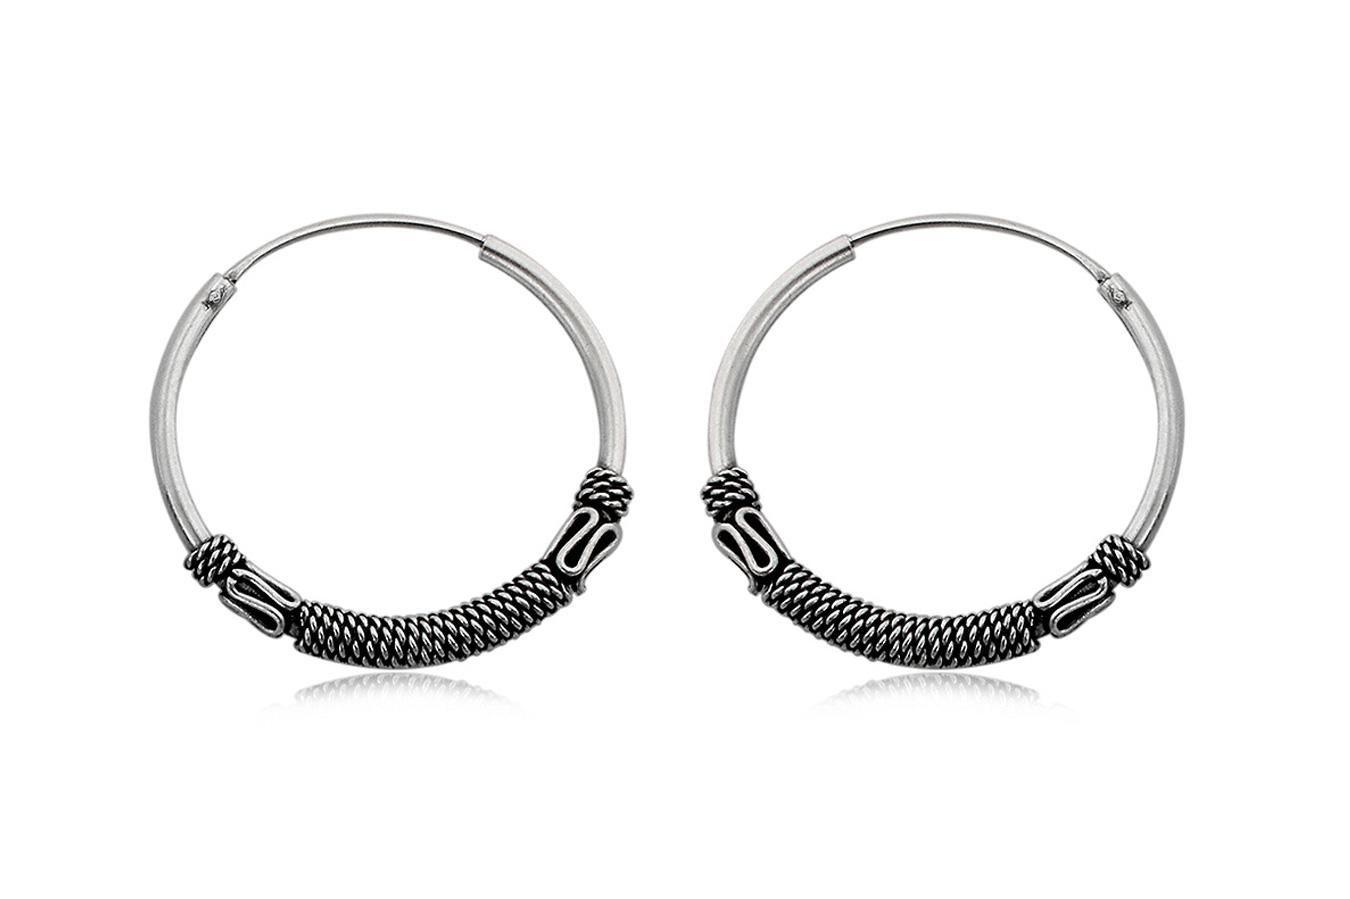 boucle d oreille anneau or perfect boucles duoreilles. Black Bedroom Furniture Sets. Home Design Ideas